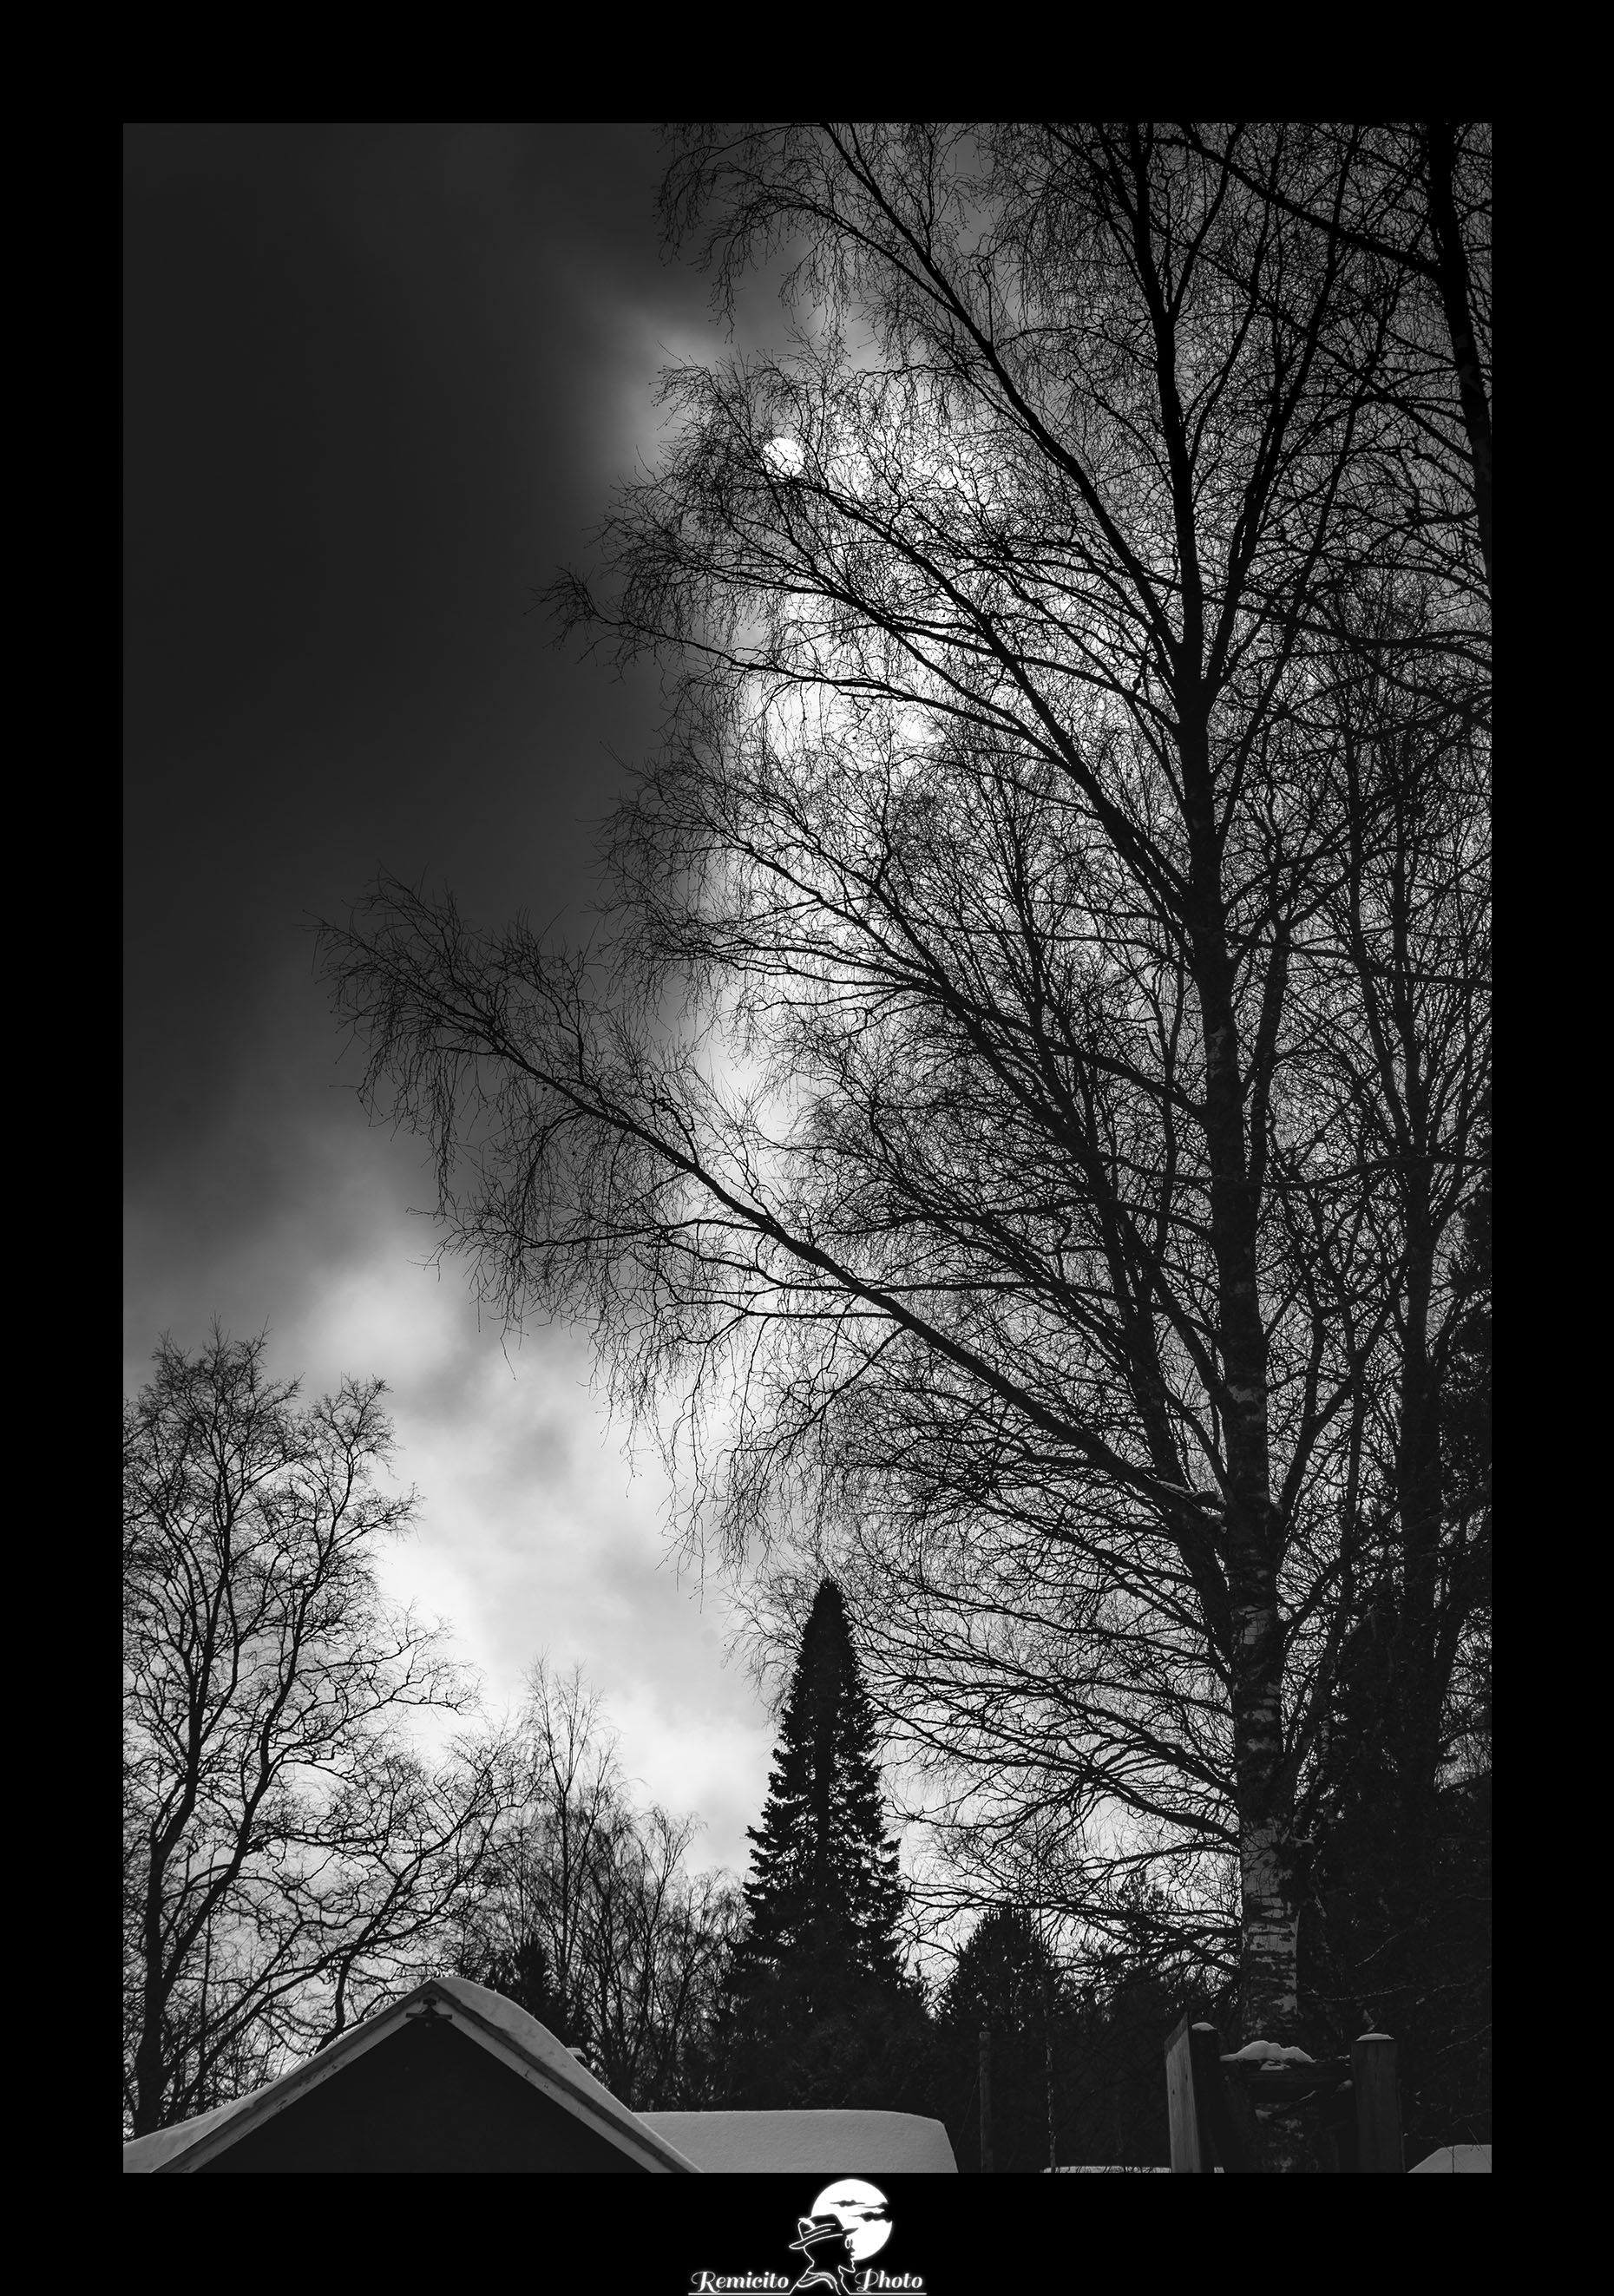 Remicito photo, remicito rémi lacombe photographe paris, belle photo noir et blanc arbre soleil, idée cadeau photo noir et blanc arbre neige